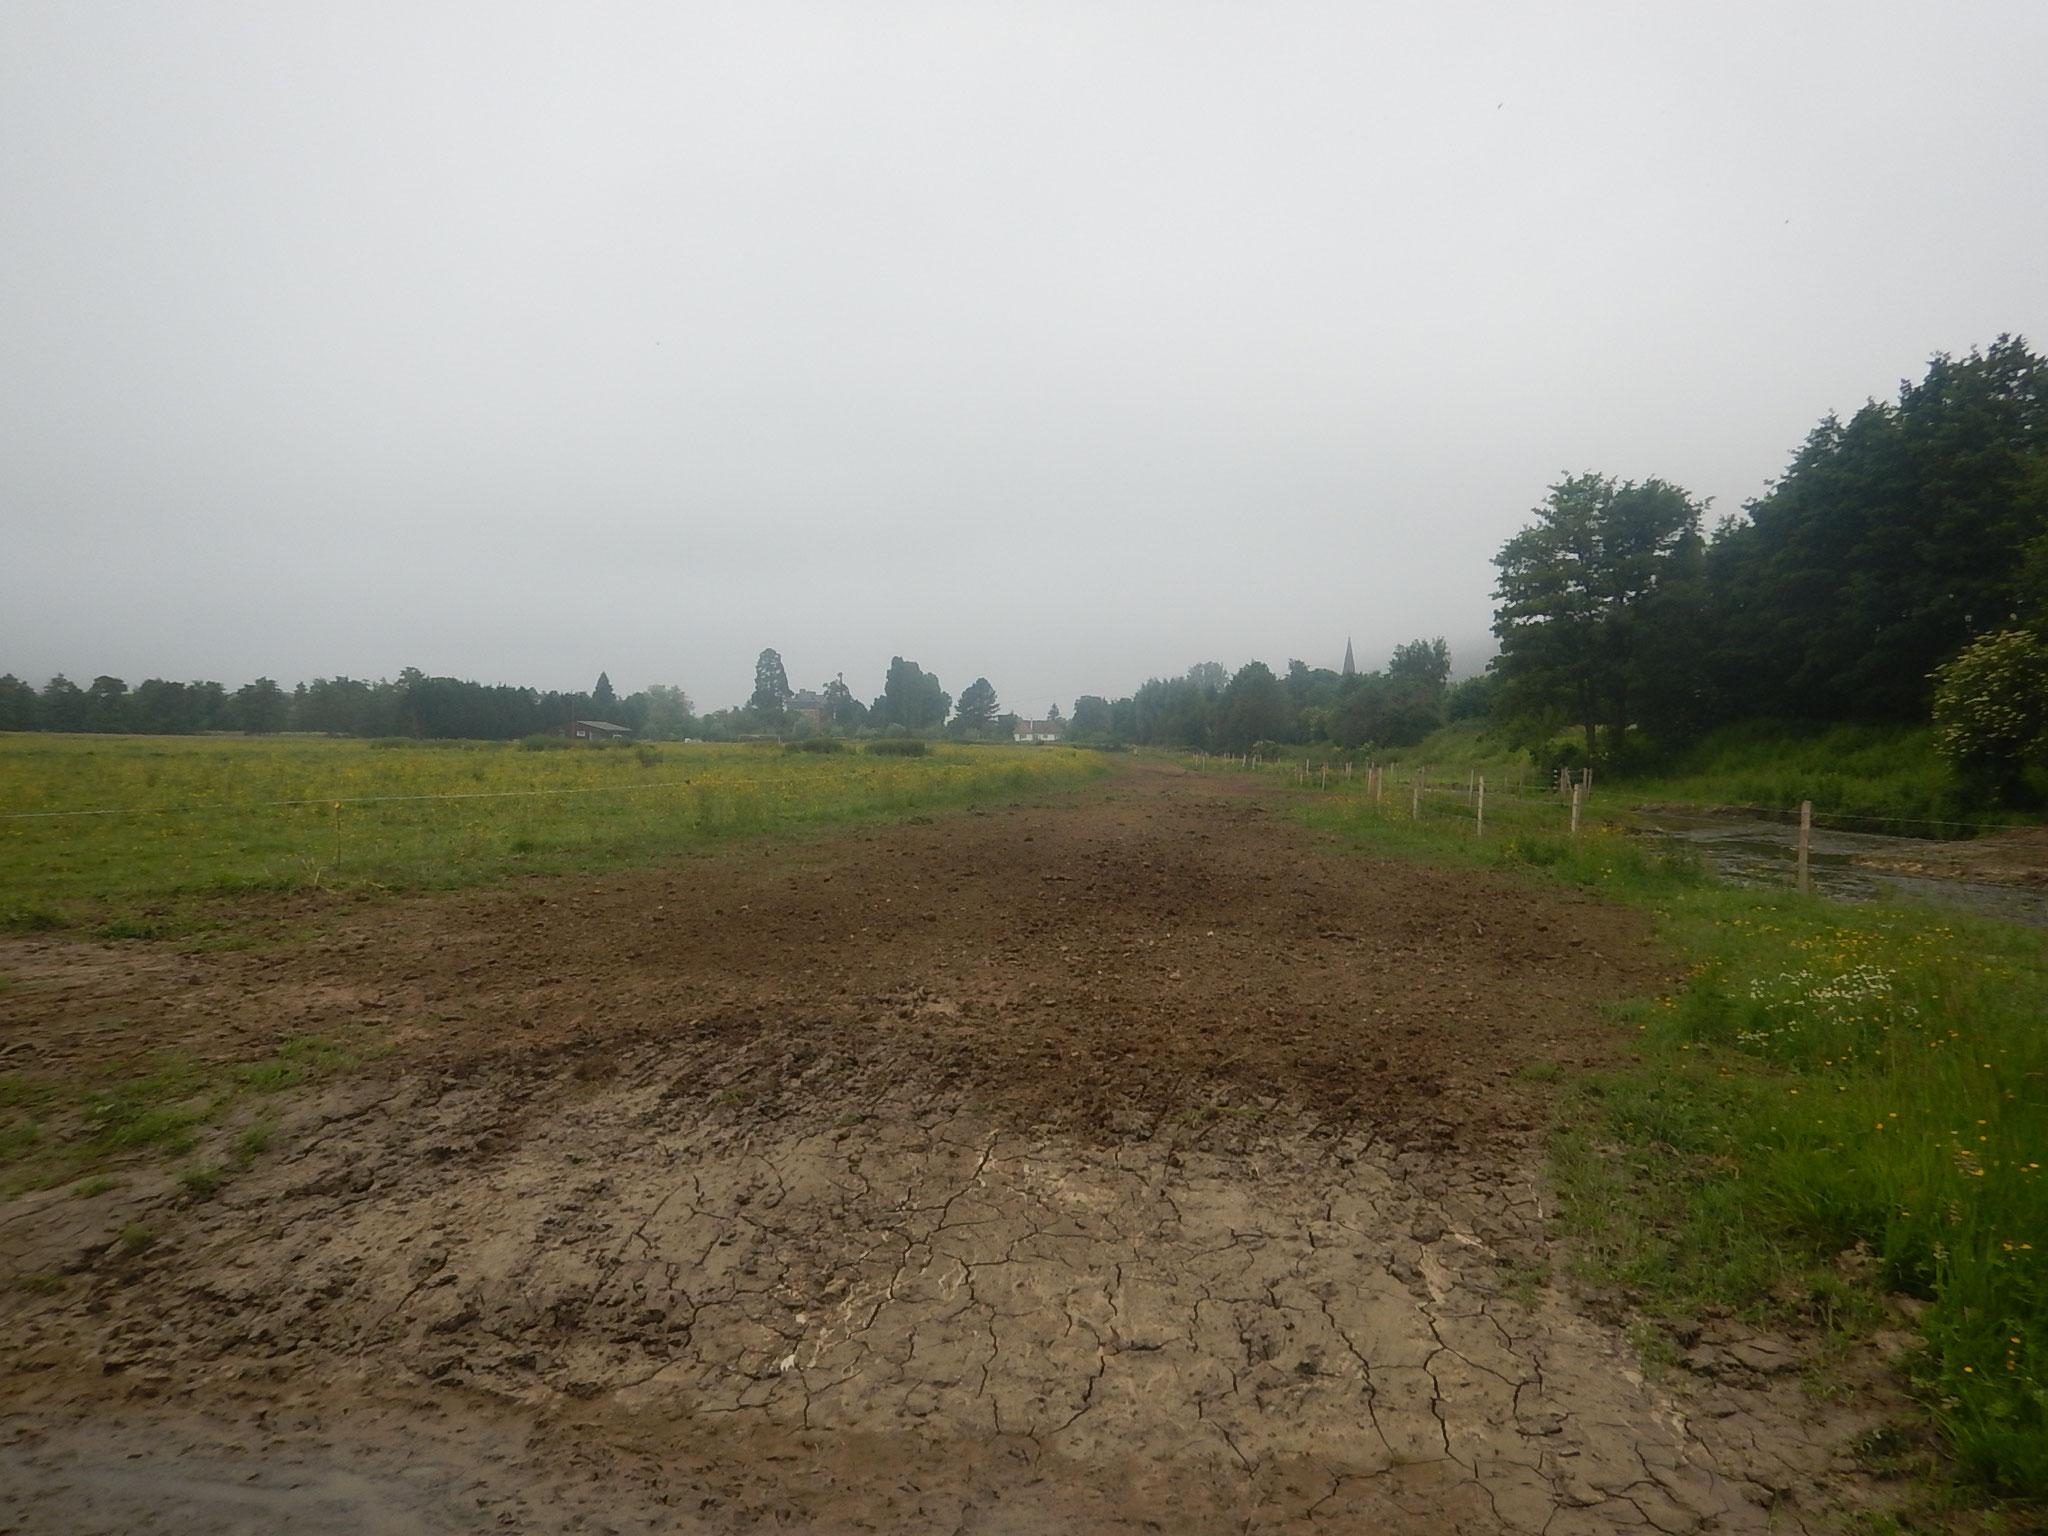 Remise en état de la parcelle et des zones d'accès du chantier.